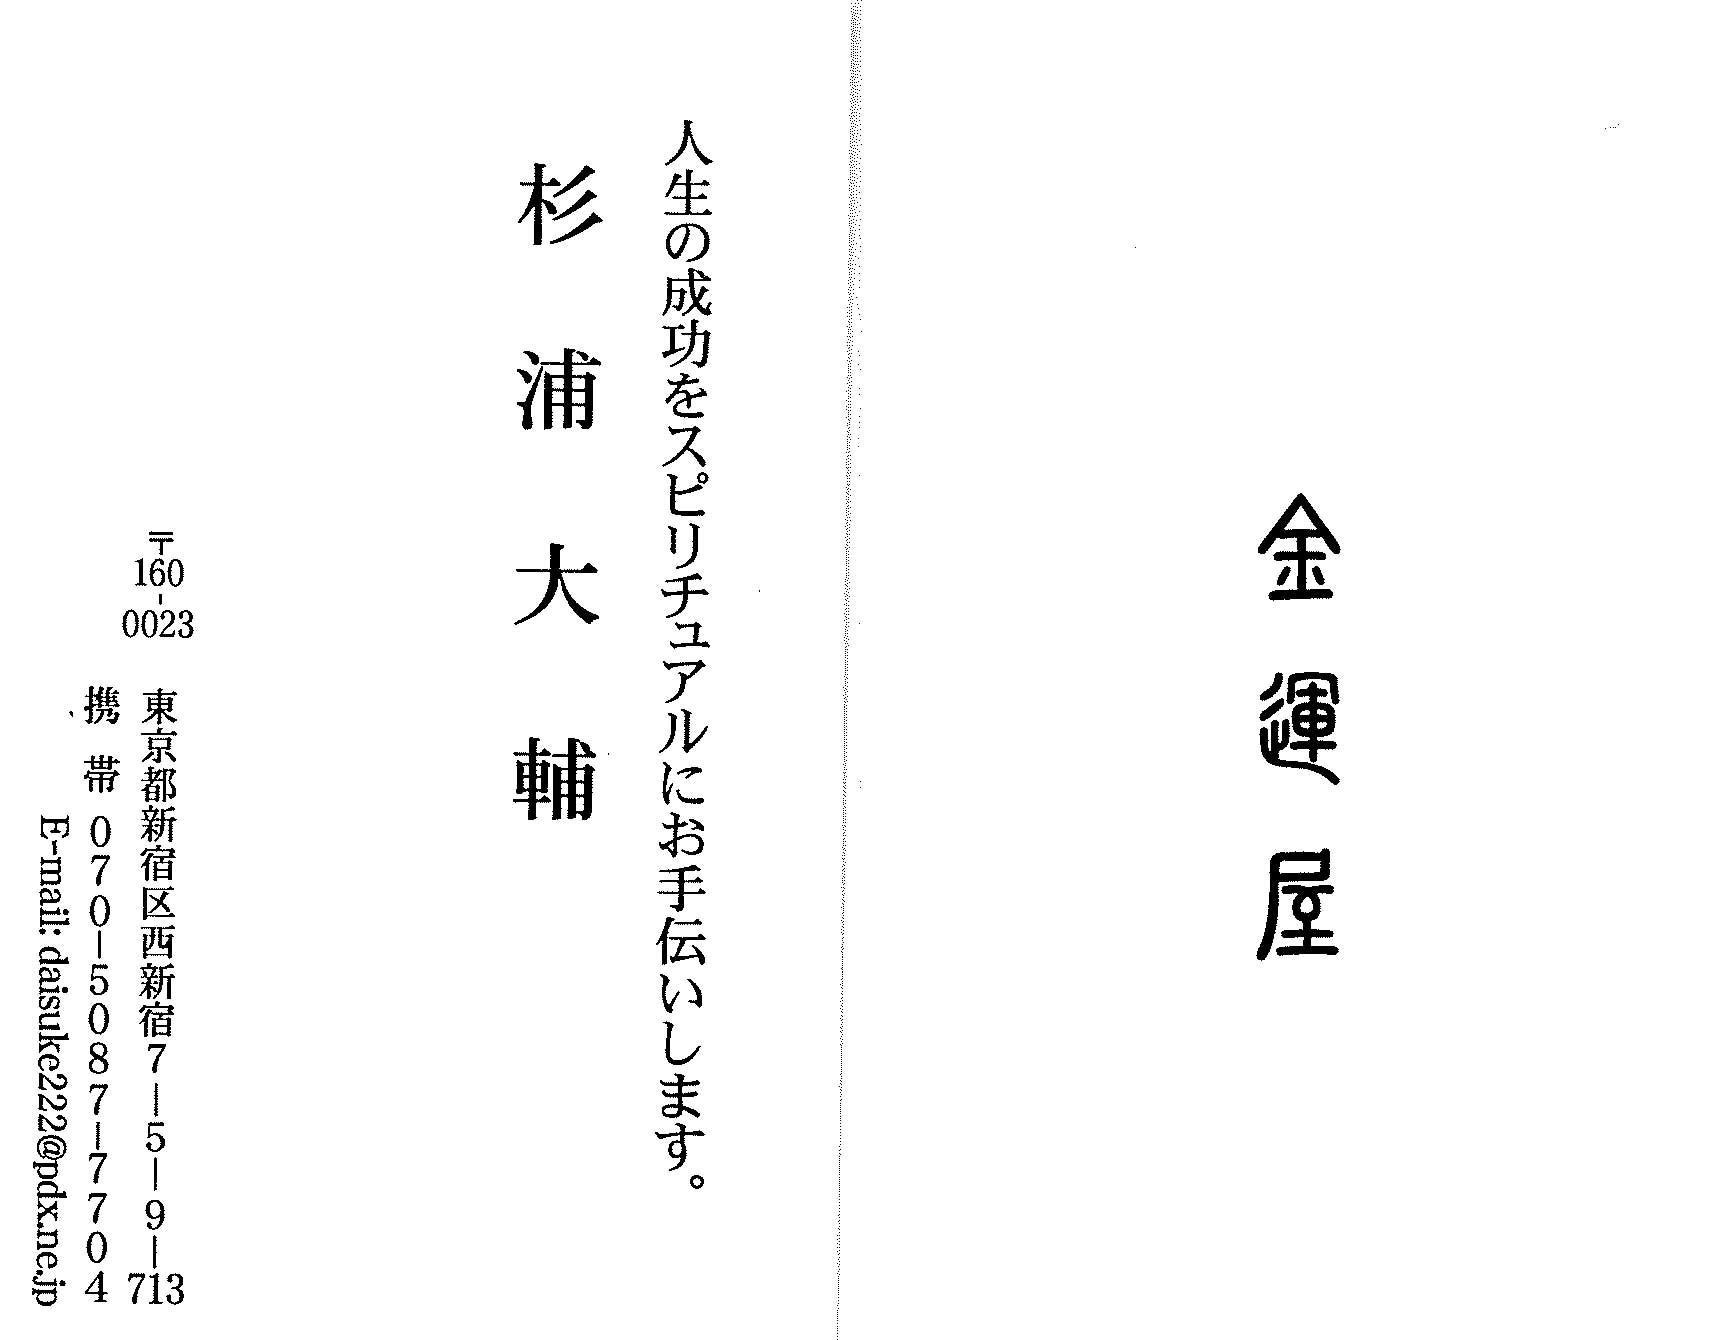 【セミナー情報】 10/17金 金運セミナー